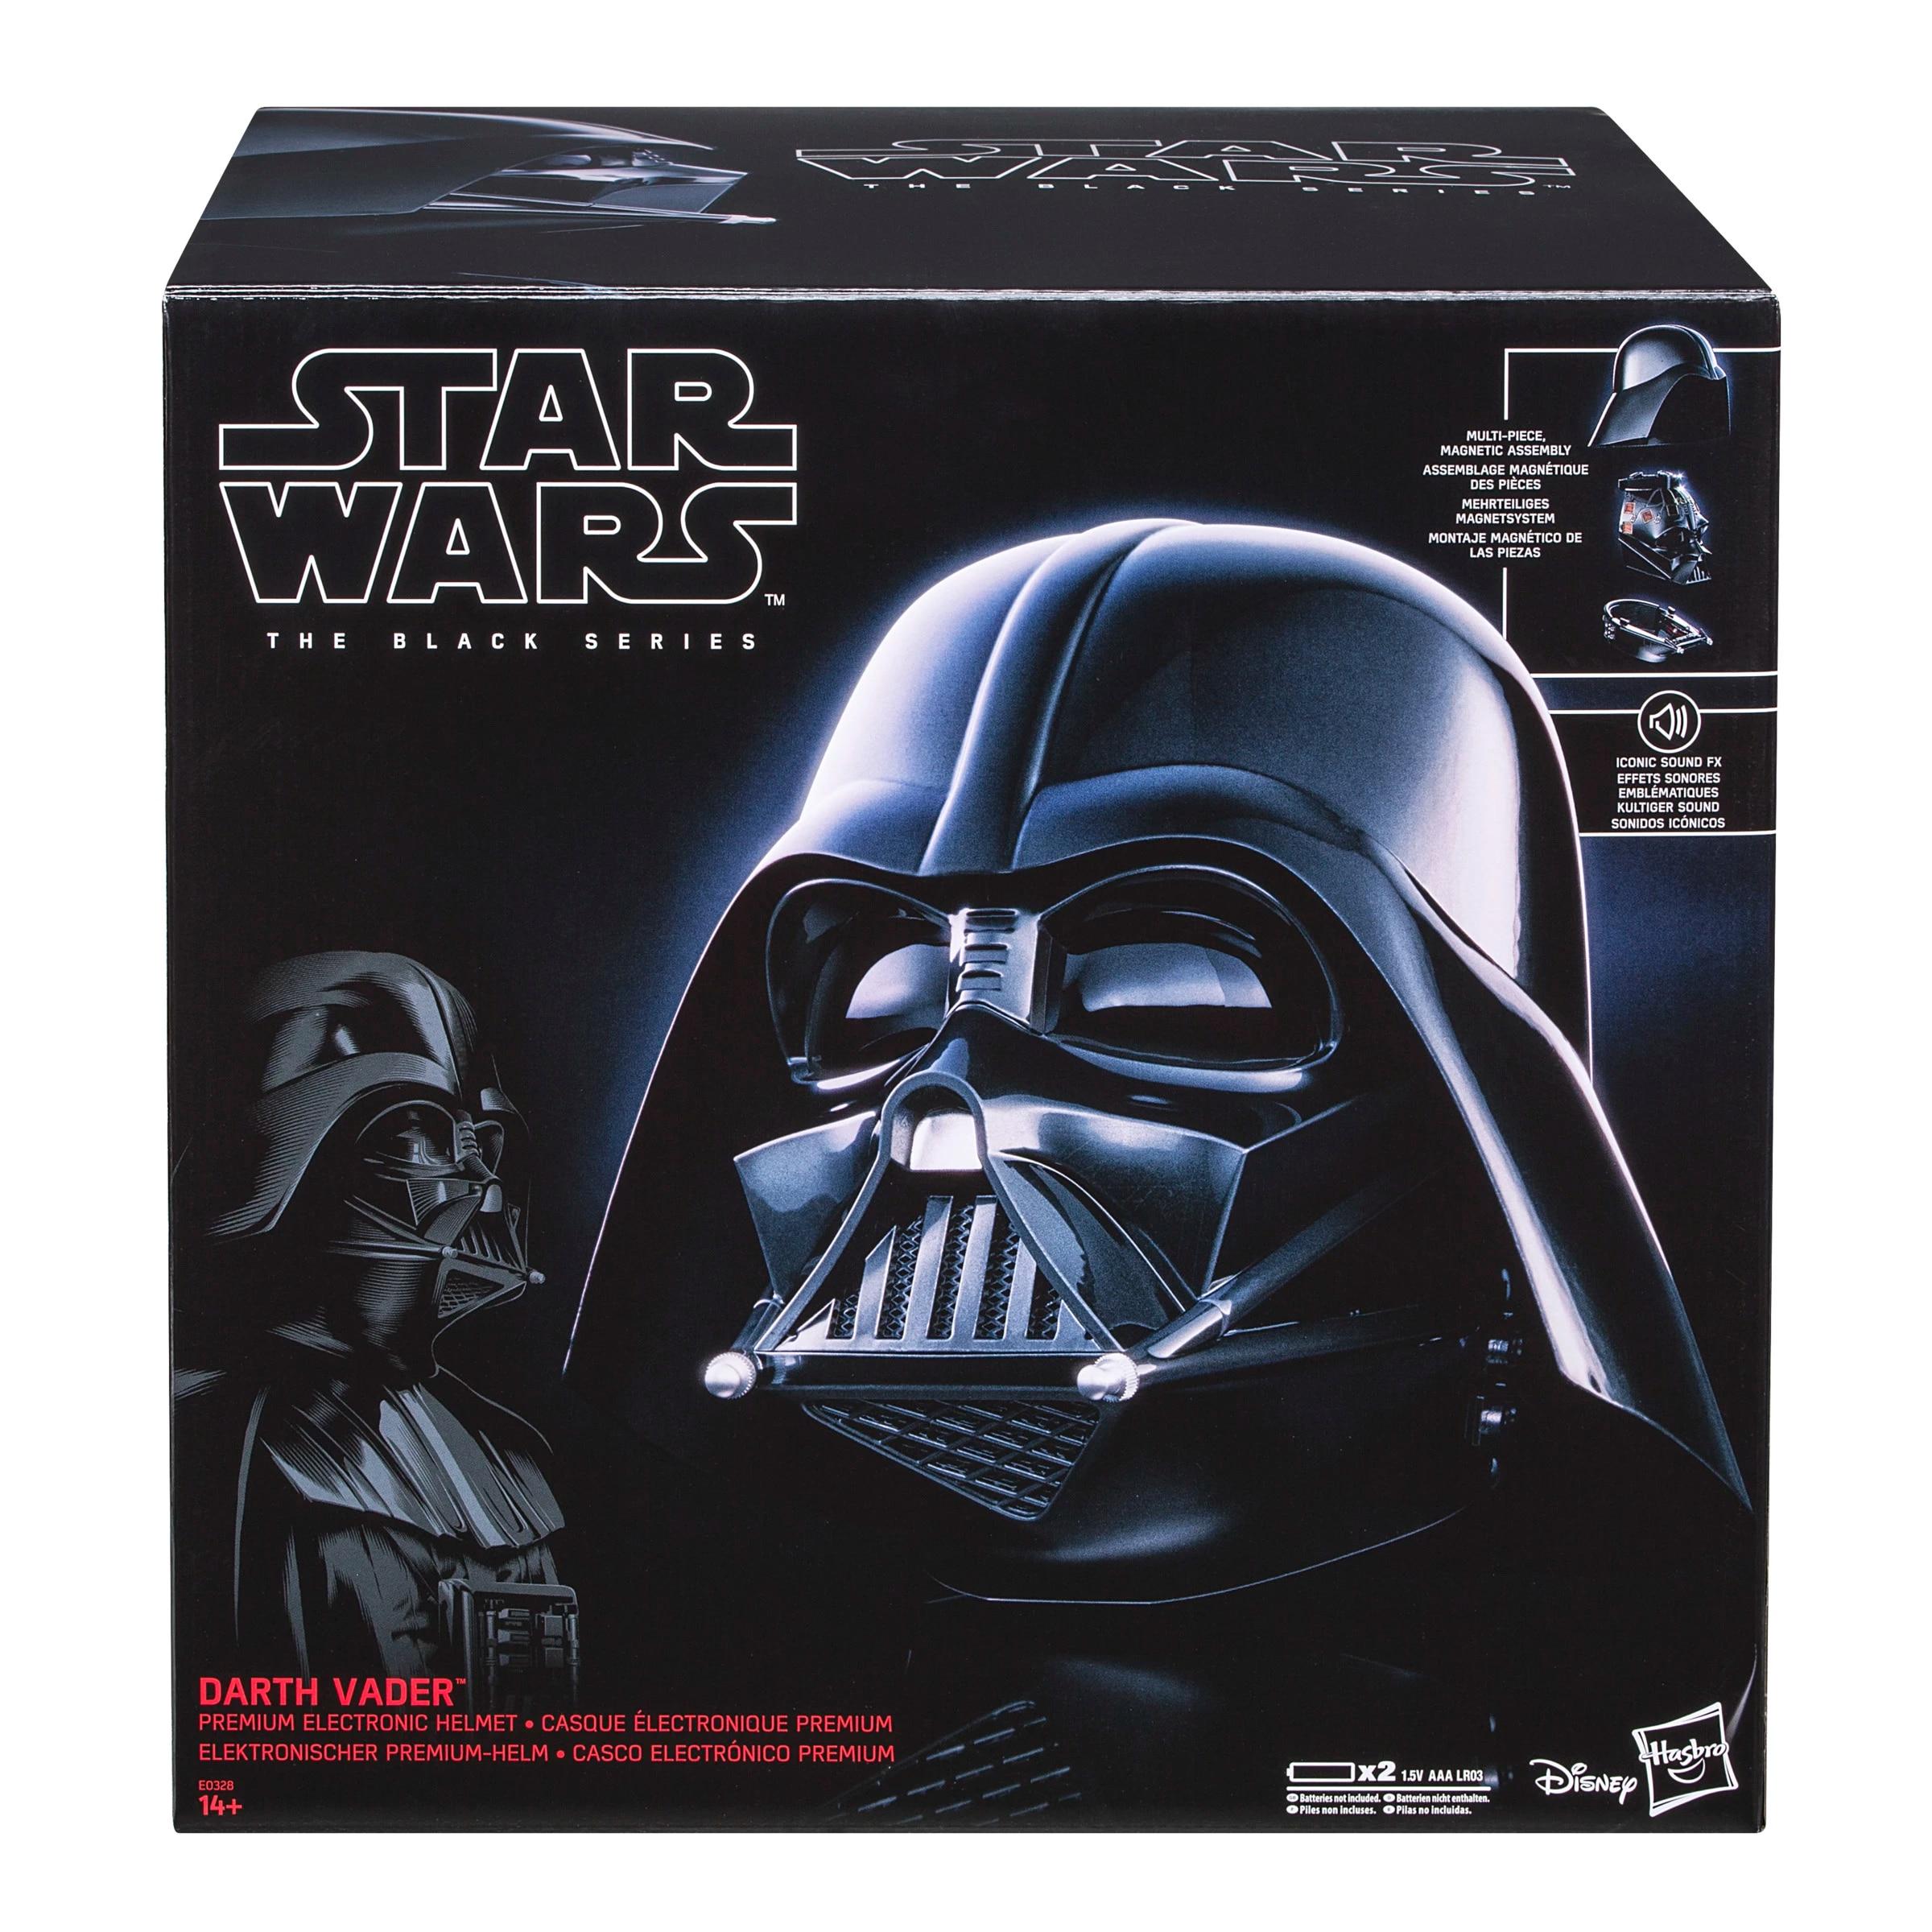 Casco Electrónico Darth Vader de Hasbro